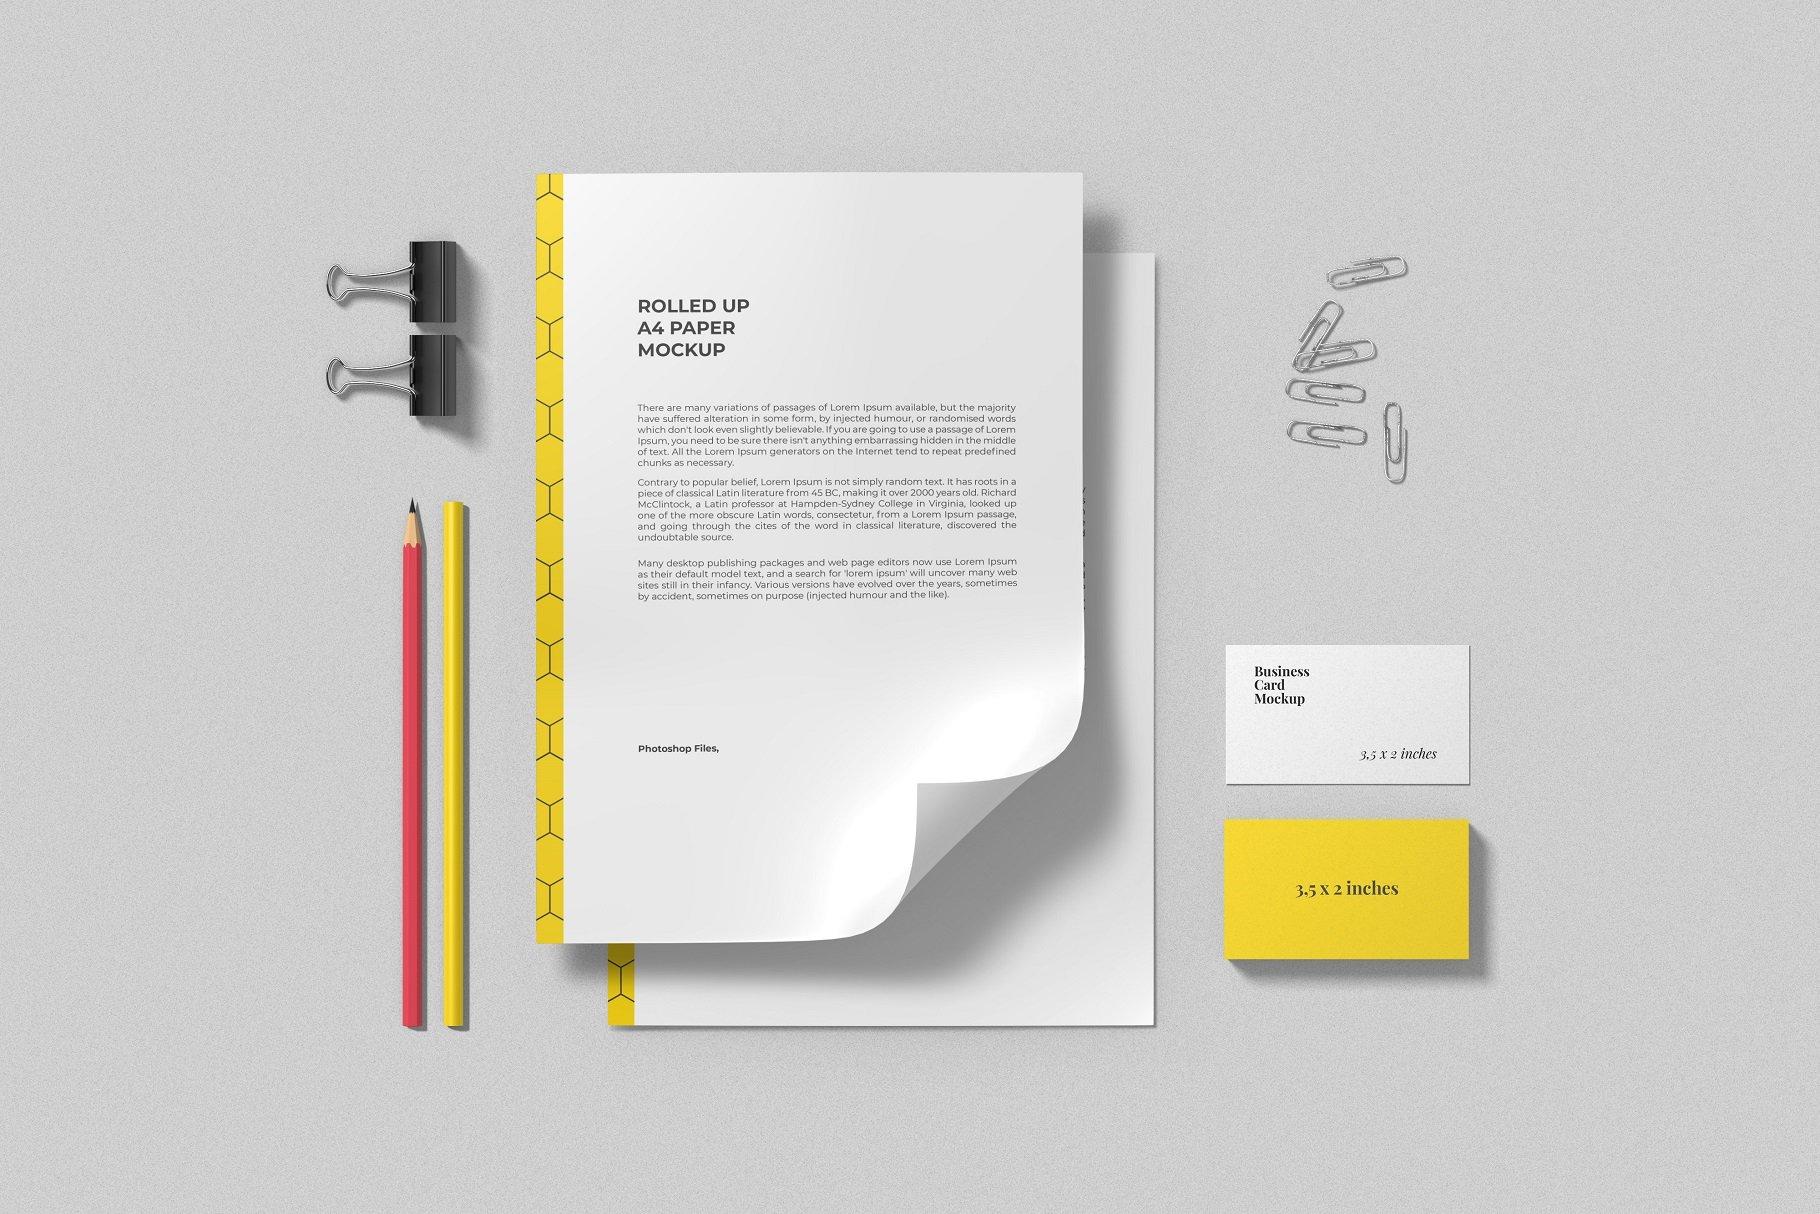 12个时尚简约品牌Logo设计办公用品展示贴图样机模板套装 Branding Mockup Scene Creator插图5